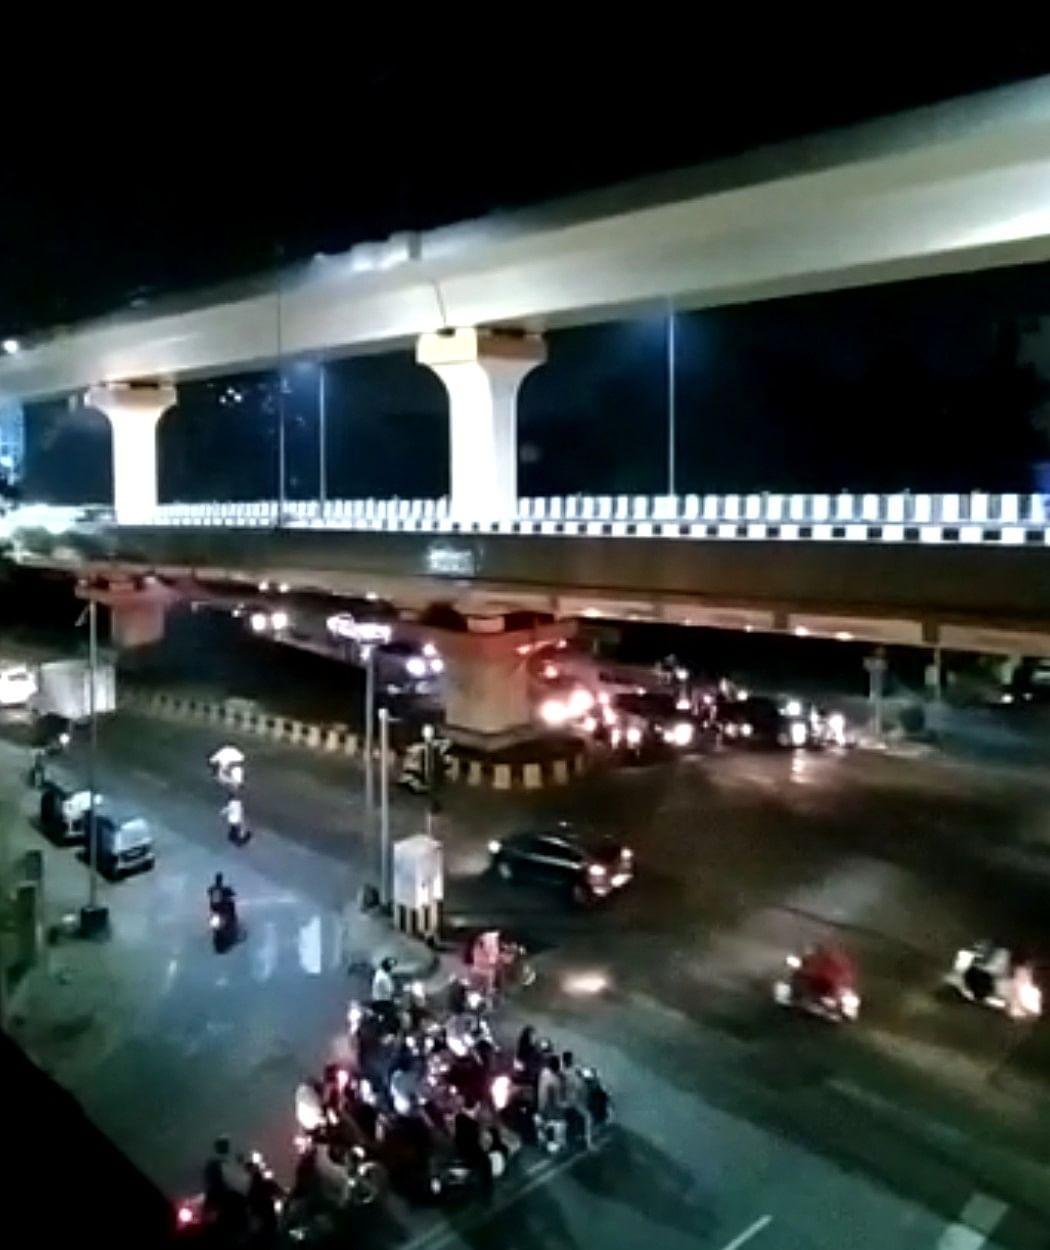 नागपुर का डबल डेकर ब्रिज यातायात के लिए खुला